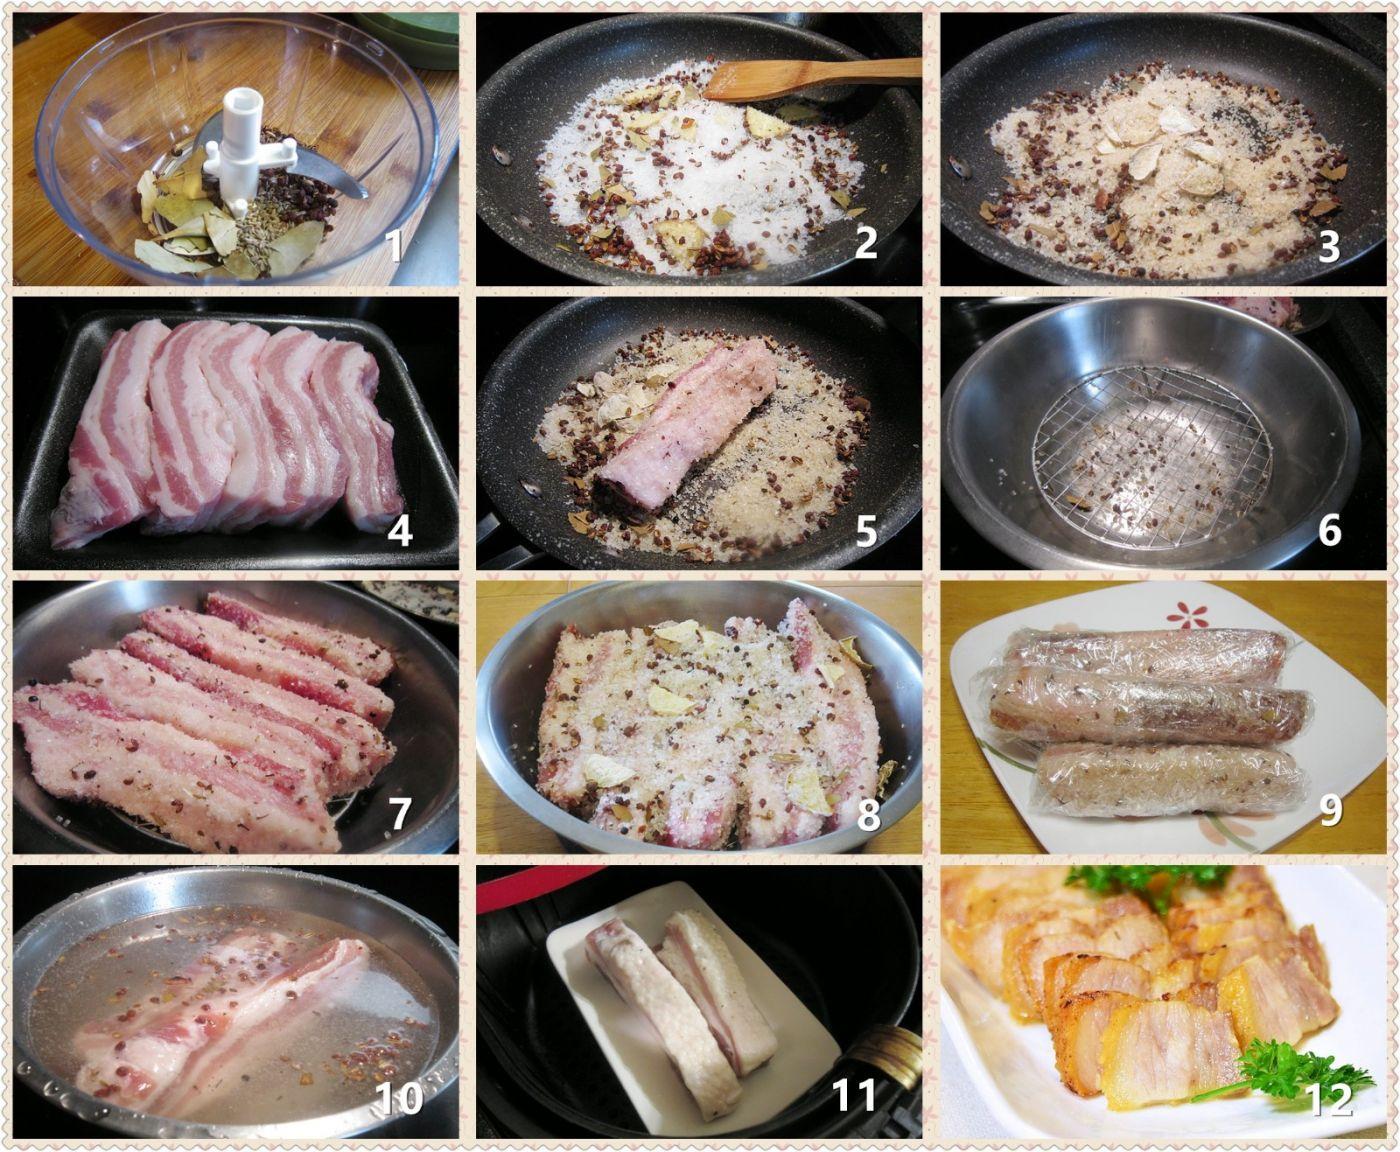 海盐腌猪肉_图1-2